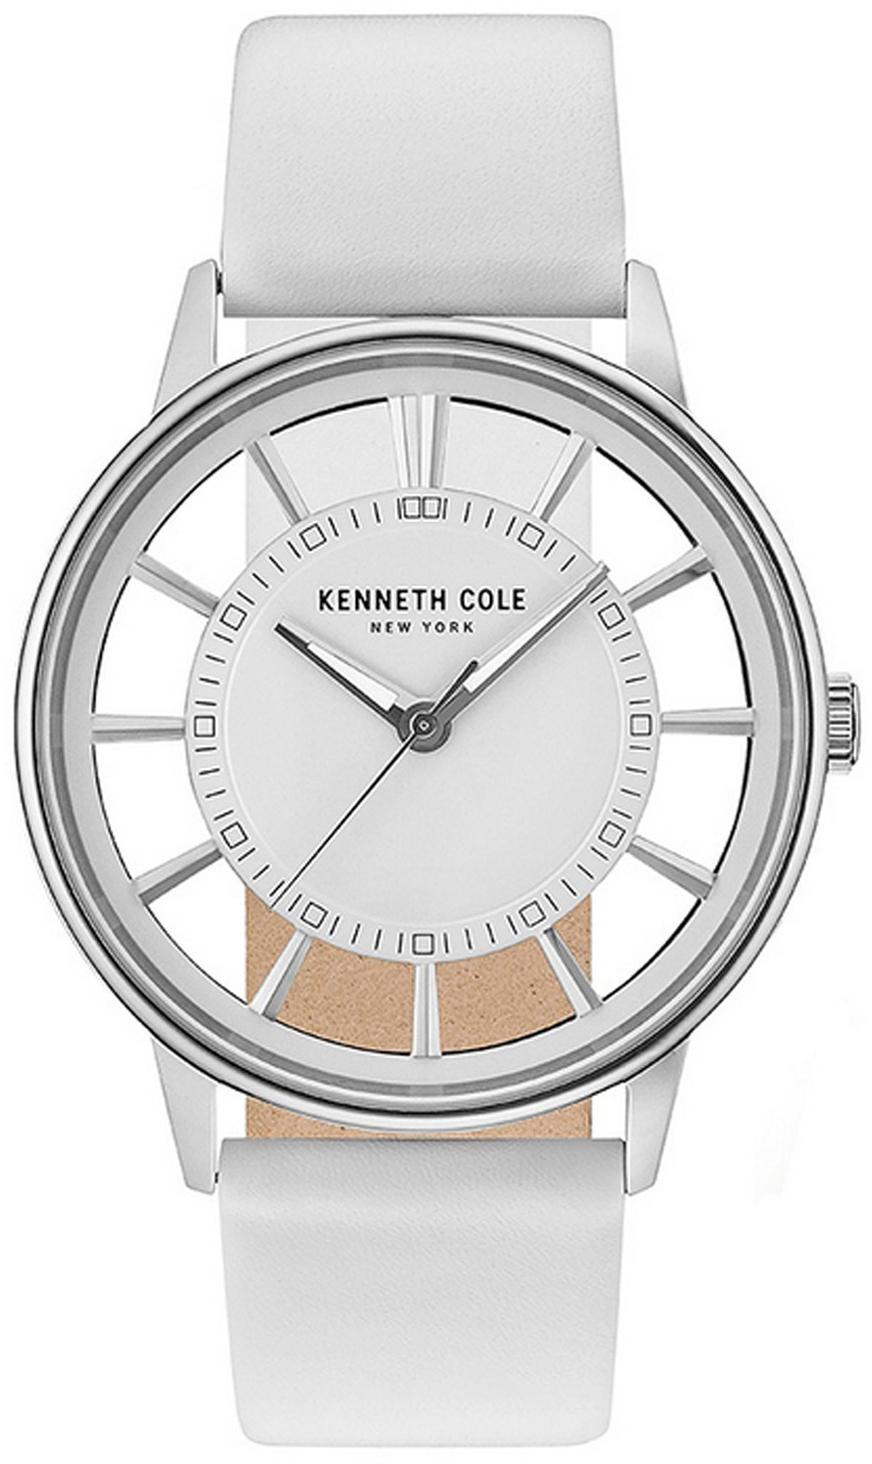 Kenneth Cole Transparency Herreklokke KC14994004 Hvit/Lær Ø44 mm - Kenneth Cole